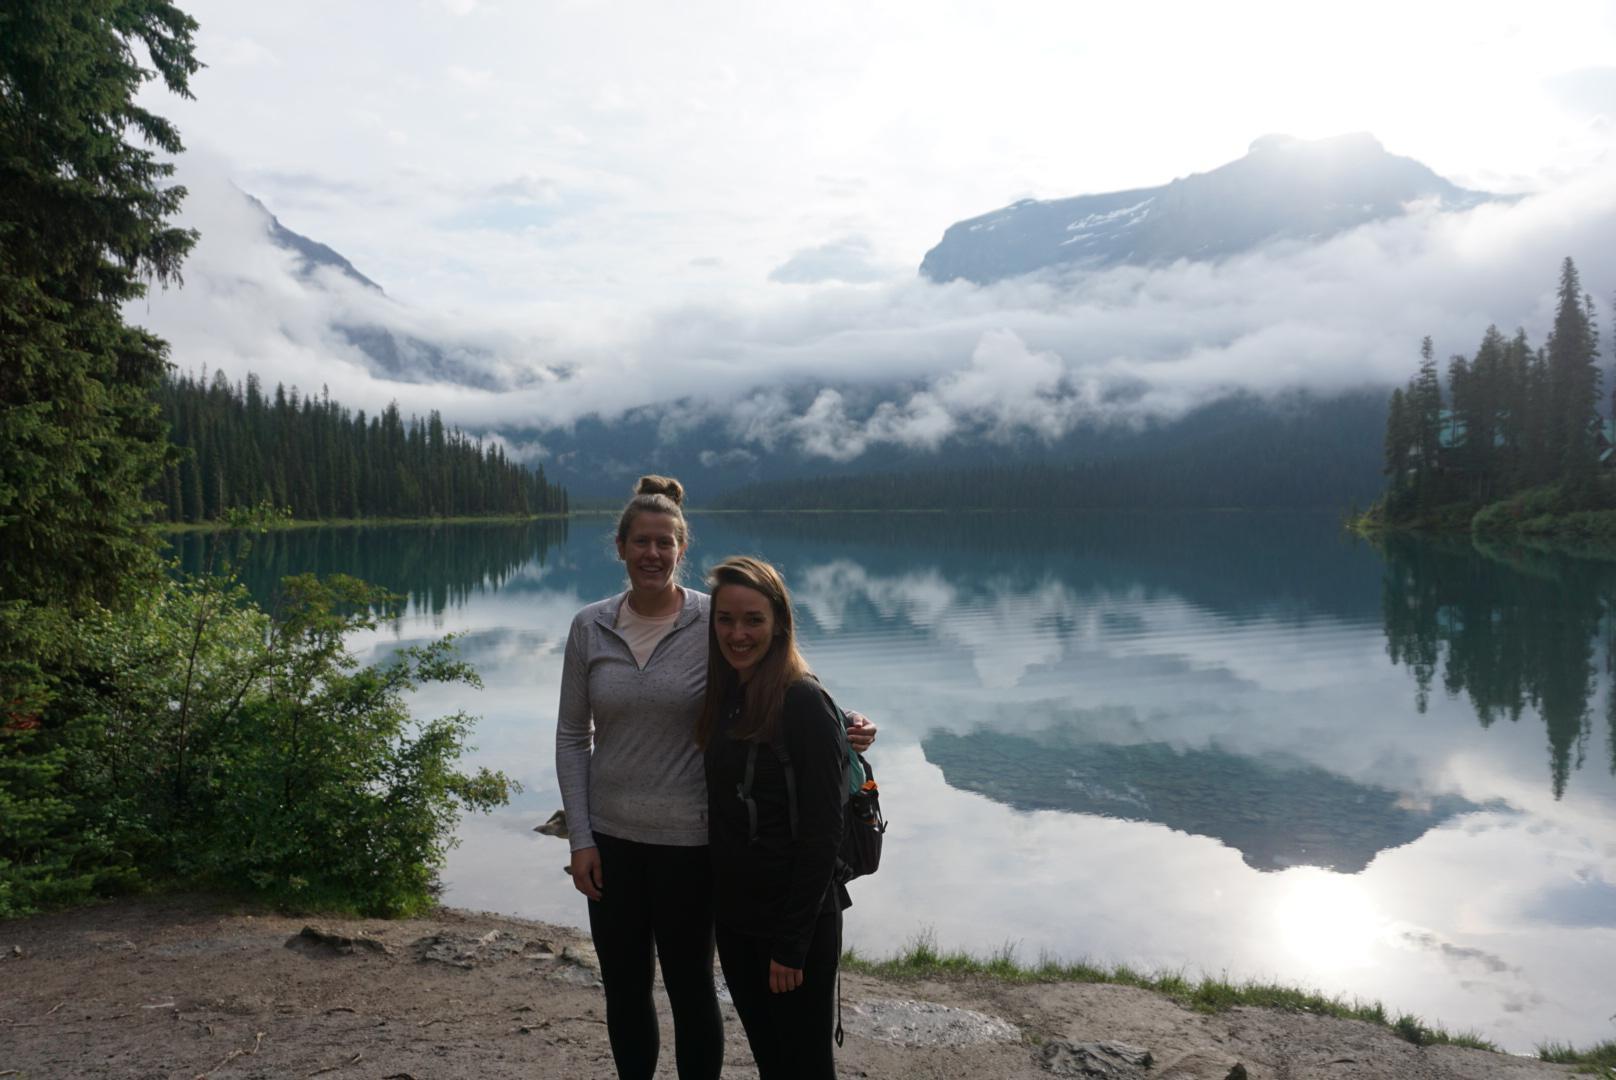 Morning lake views